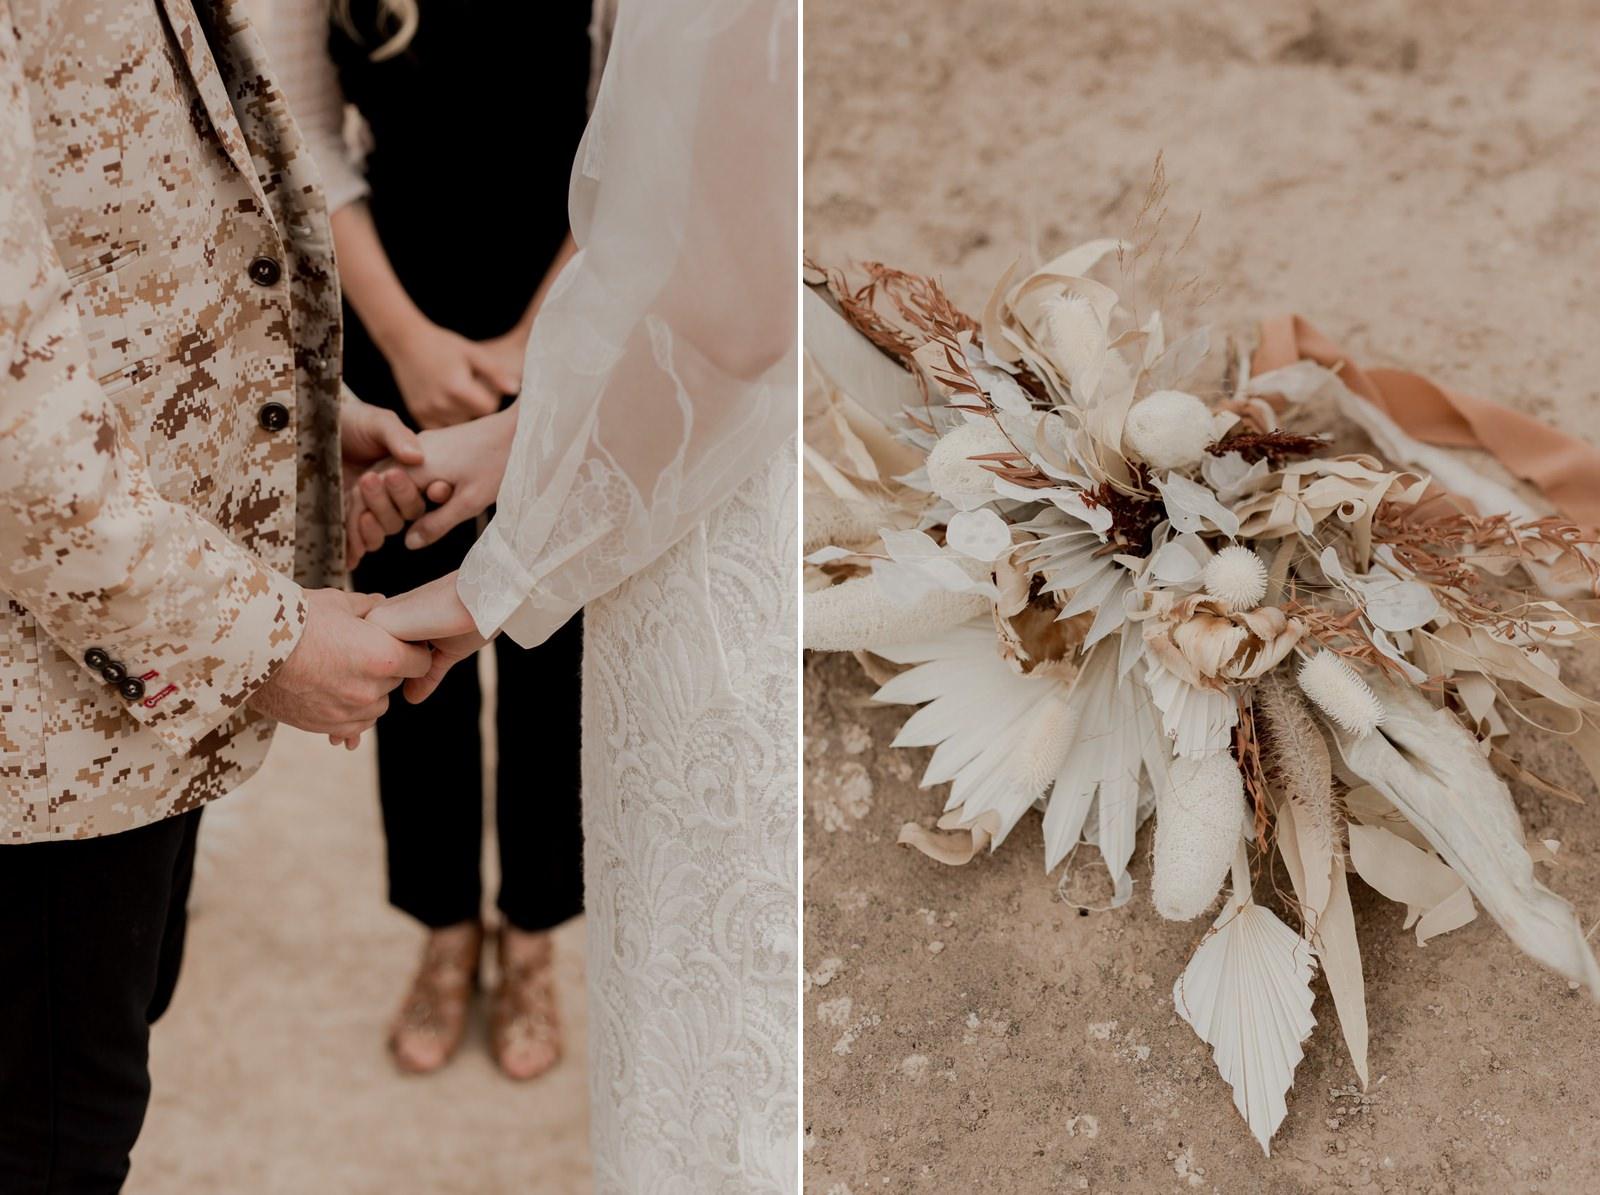 photographe et vidéaste mariage bohème folk normandie